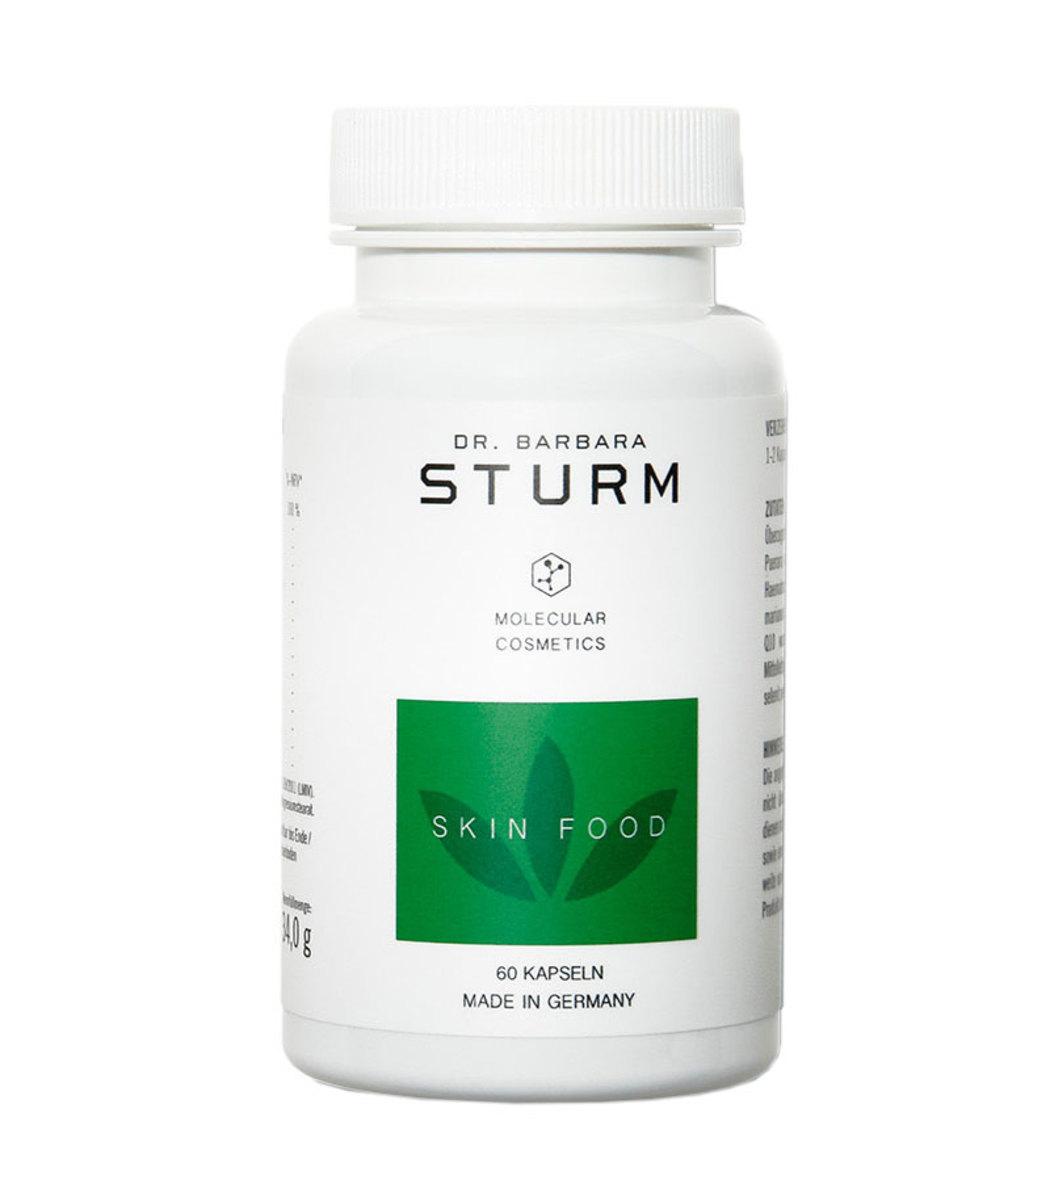 BARBARA STURM Skin Food Supplements- 60 capsules